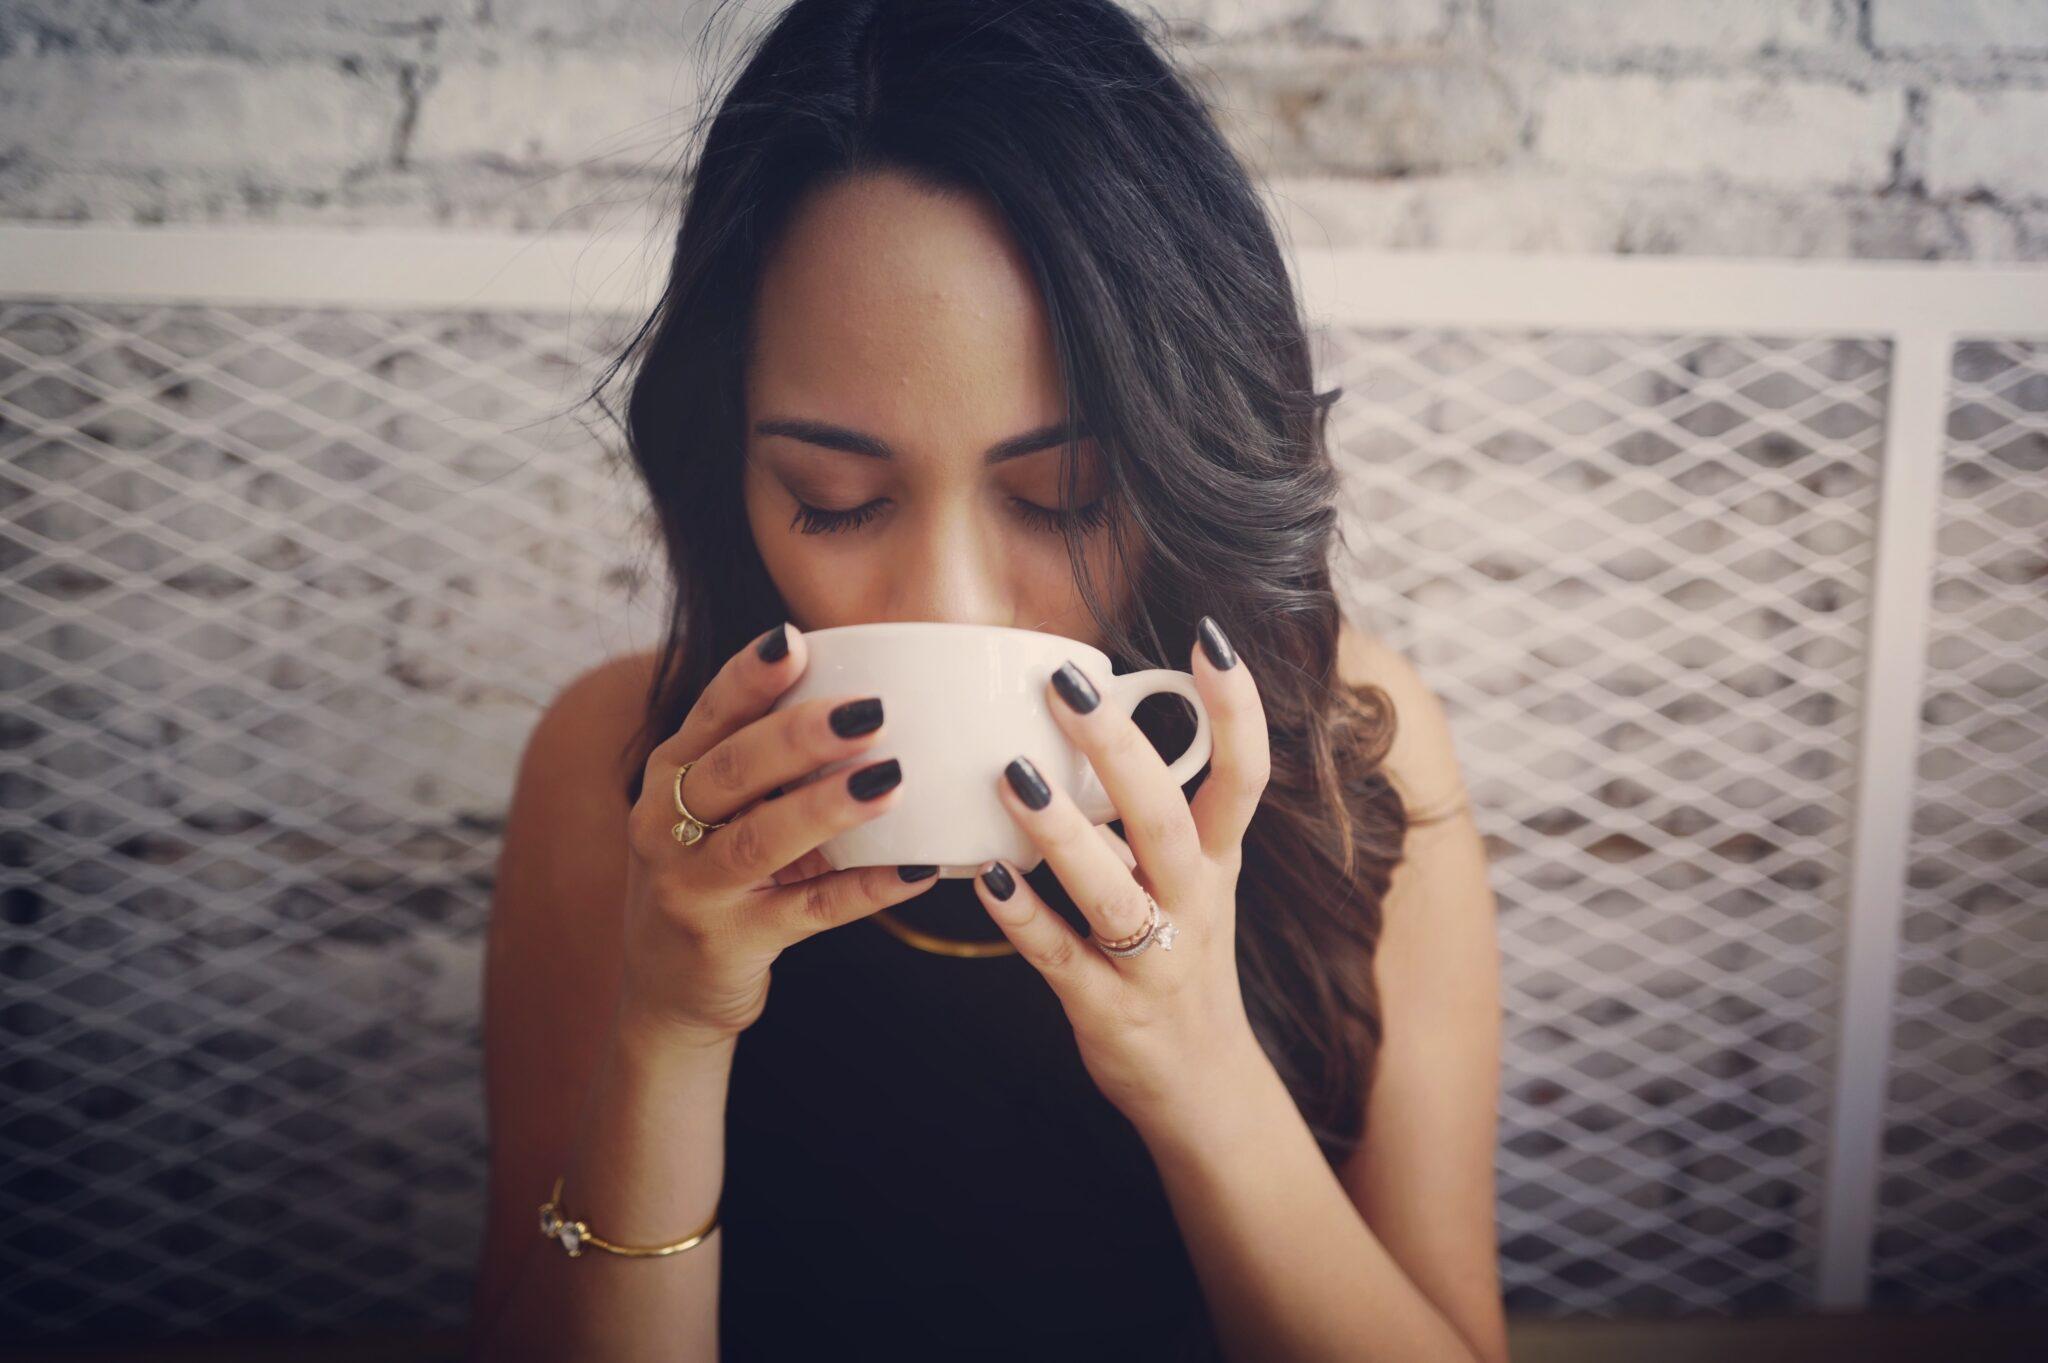 Frau trinkt aus einer weissen Tasse.